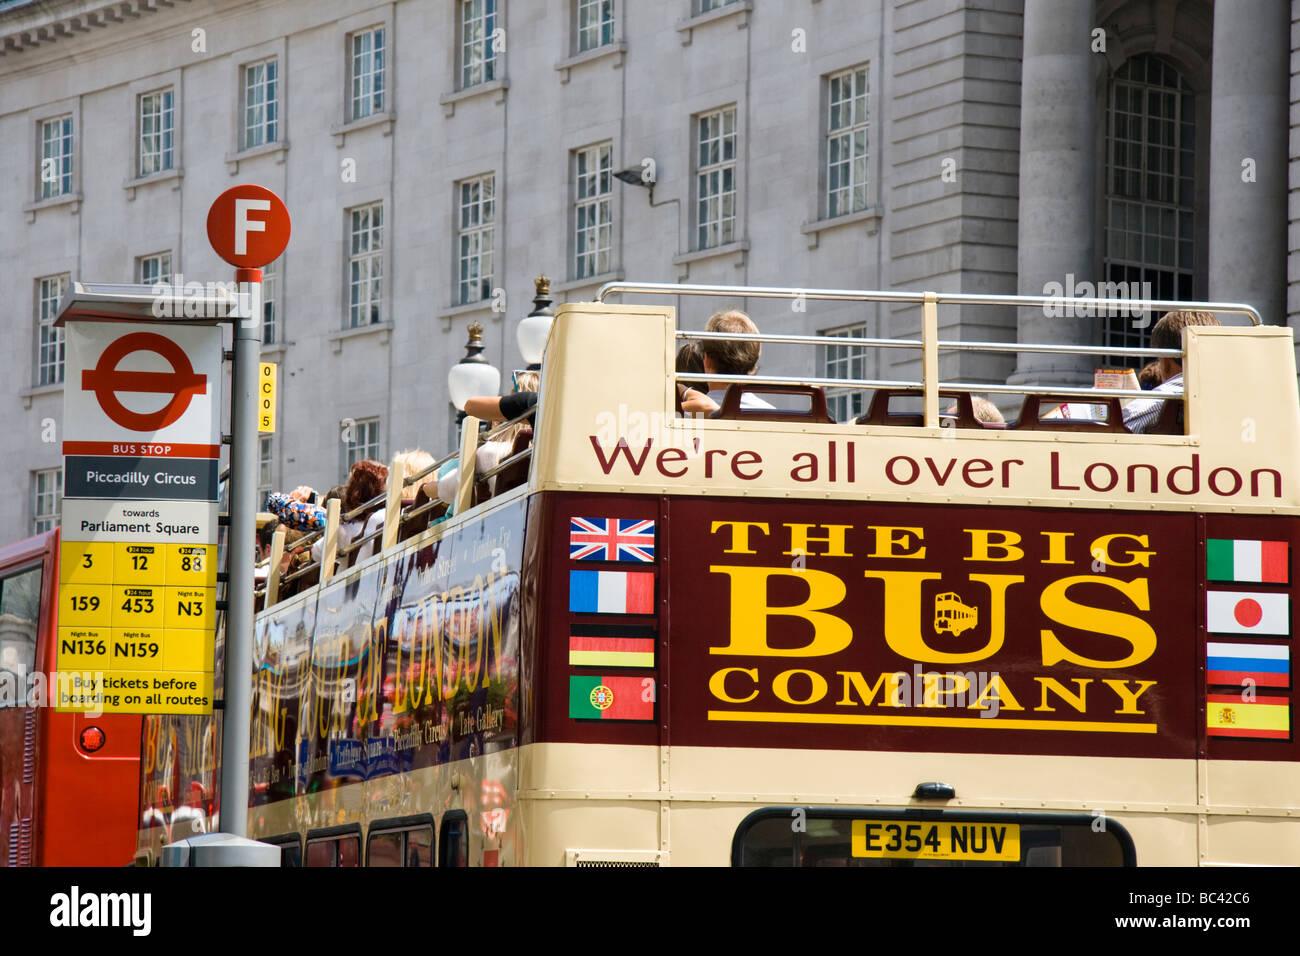 Il Big Bus Company bus aperti Regent Street Londra Inghilterra REGNO UNITO Immagini Stock